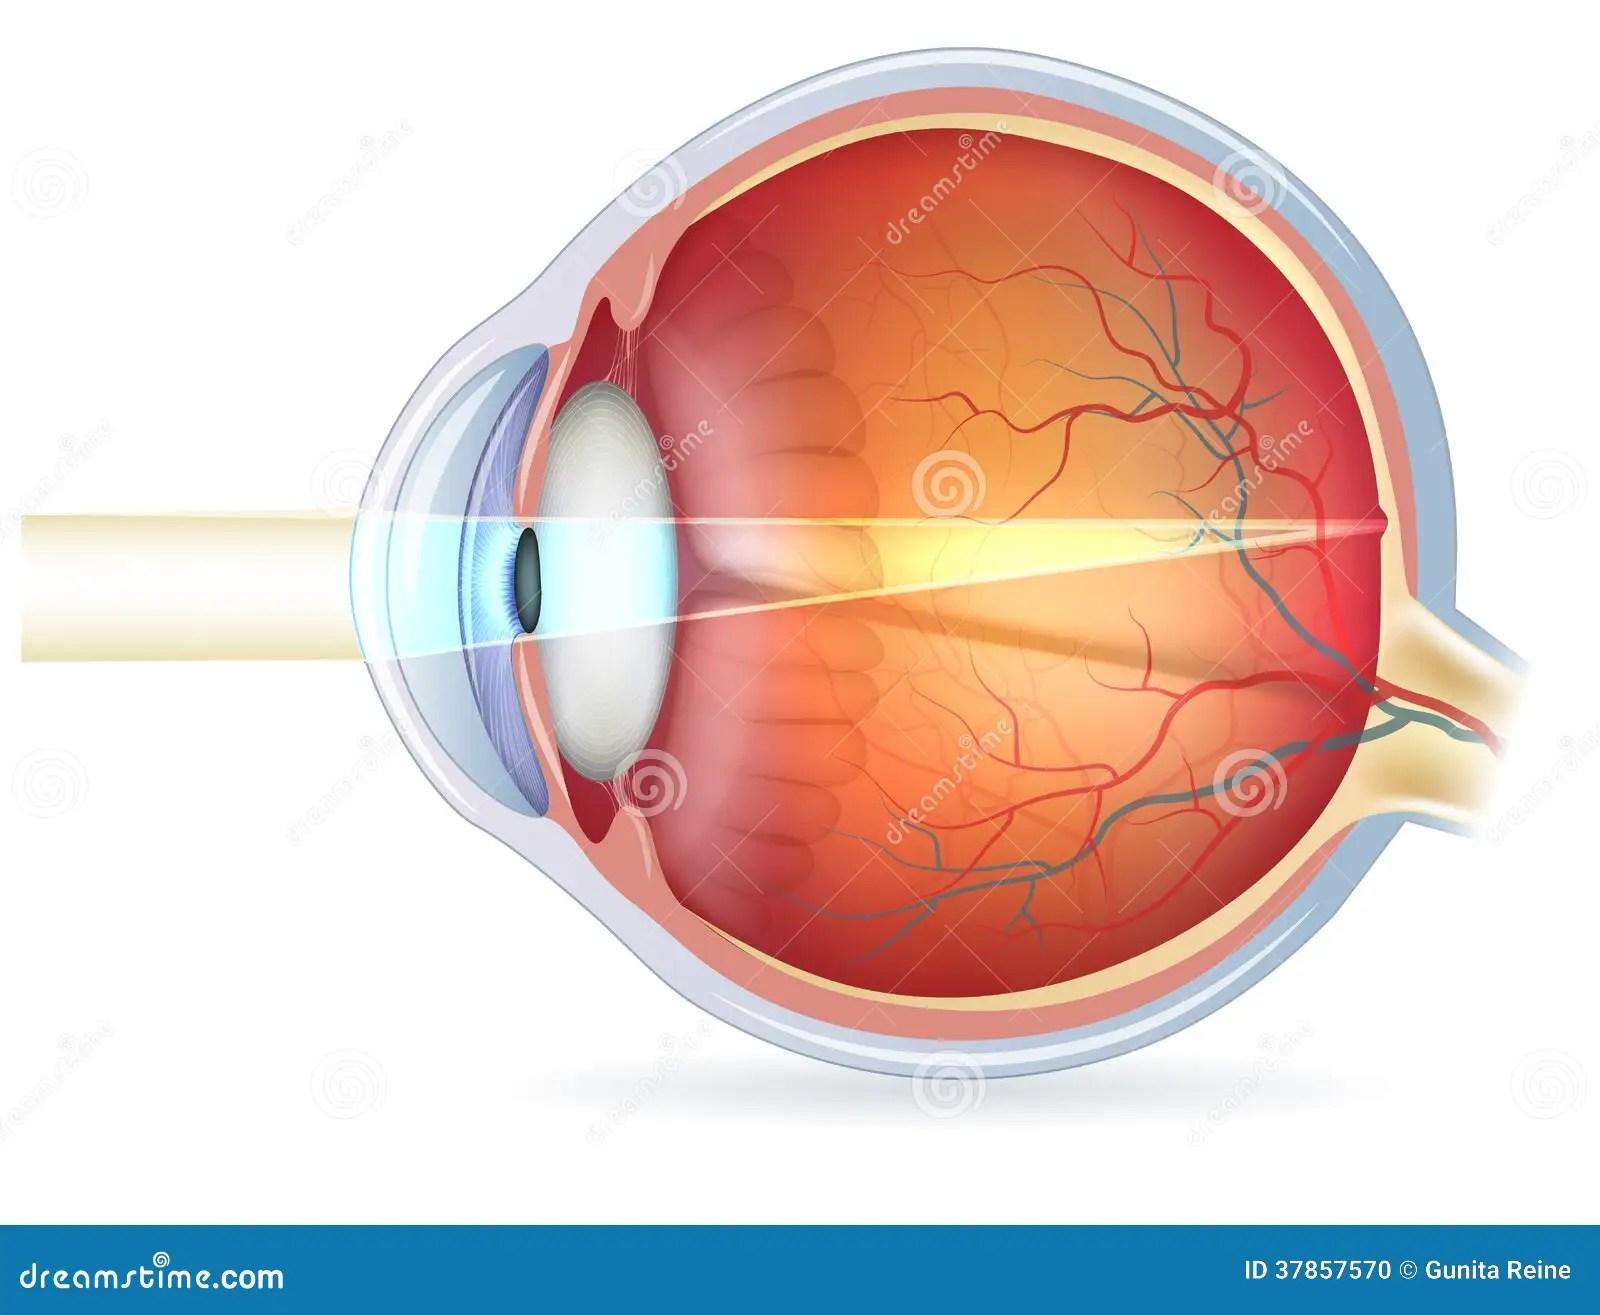 Corte Transversal Del Ojo Humano Vision Normal Foto De